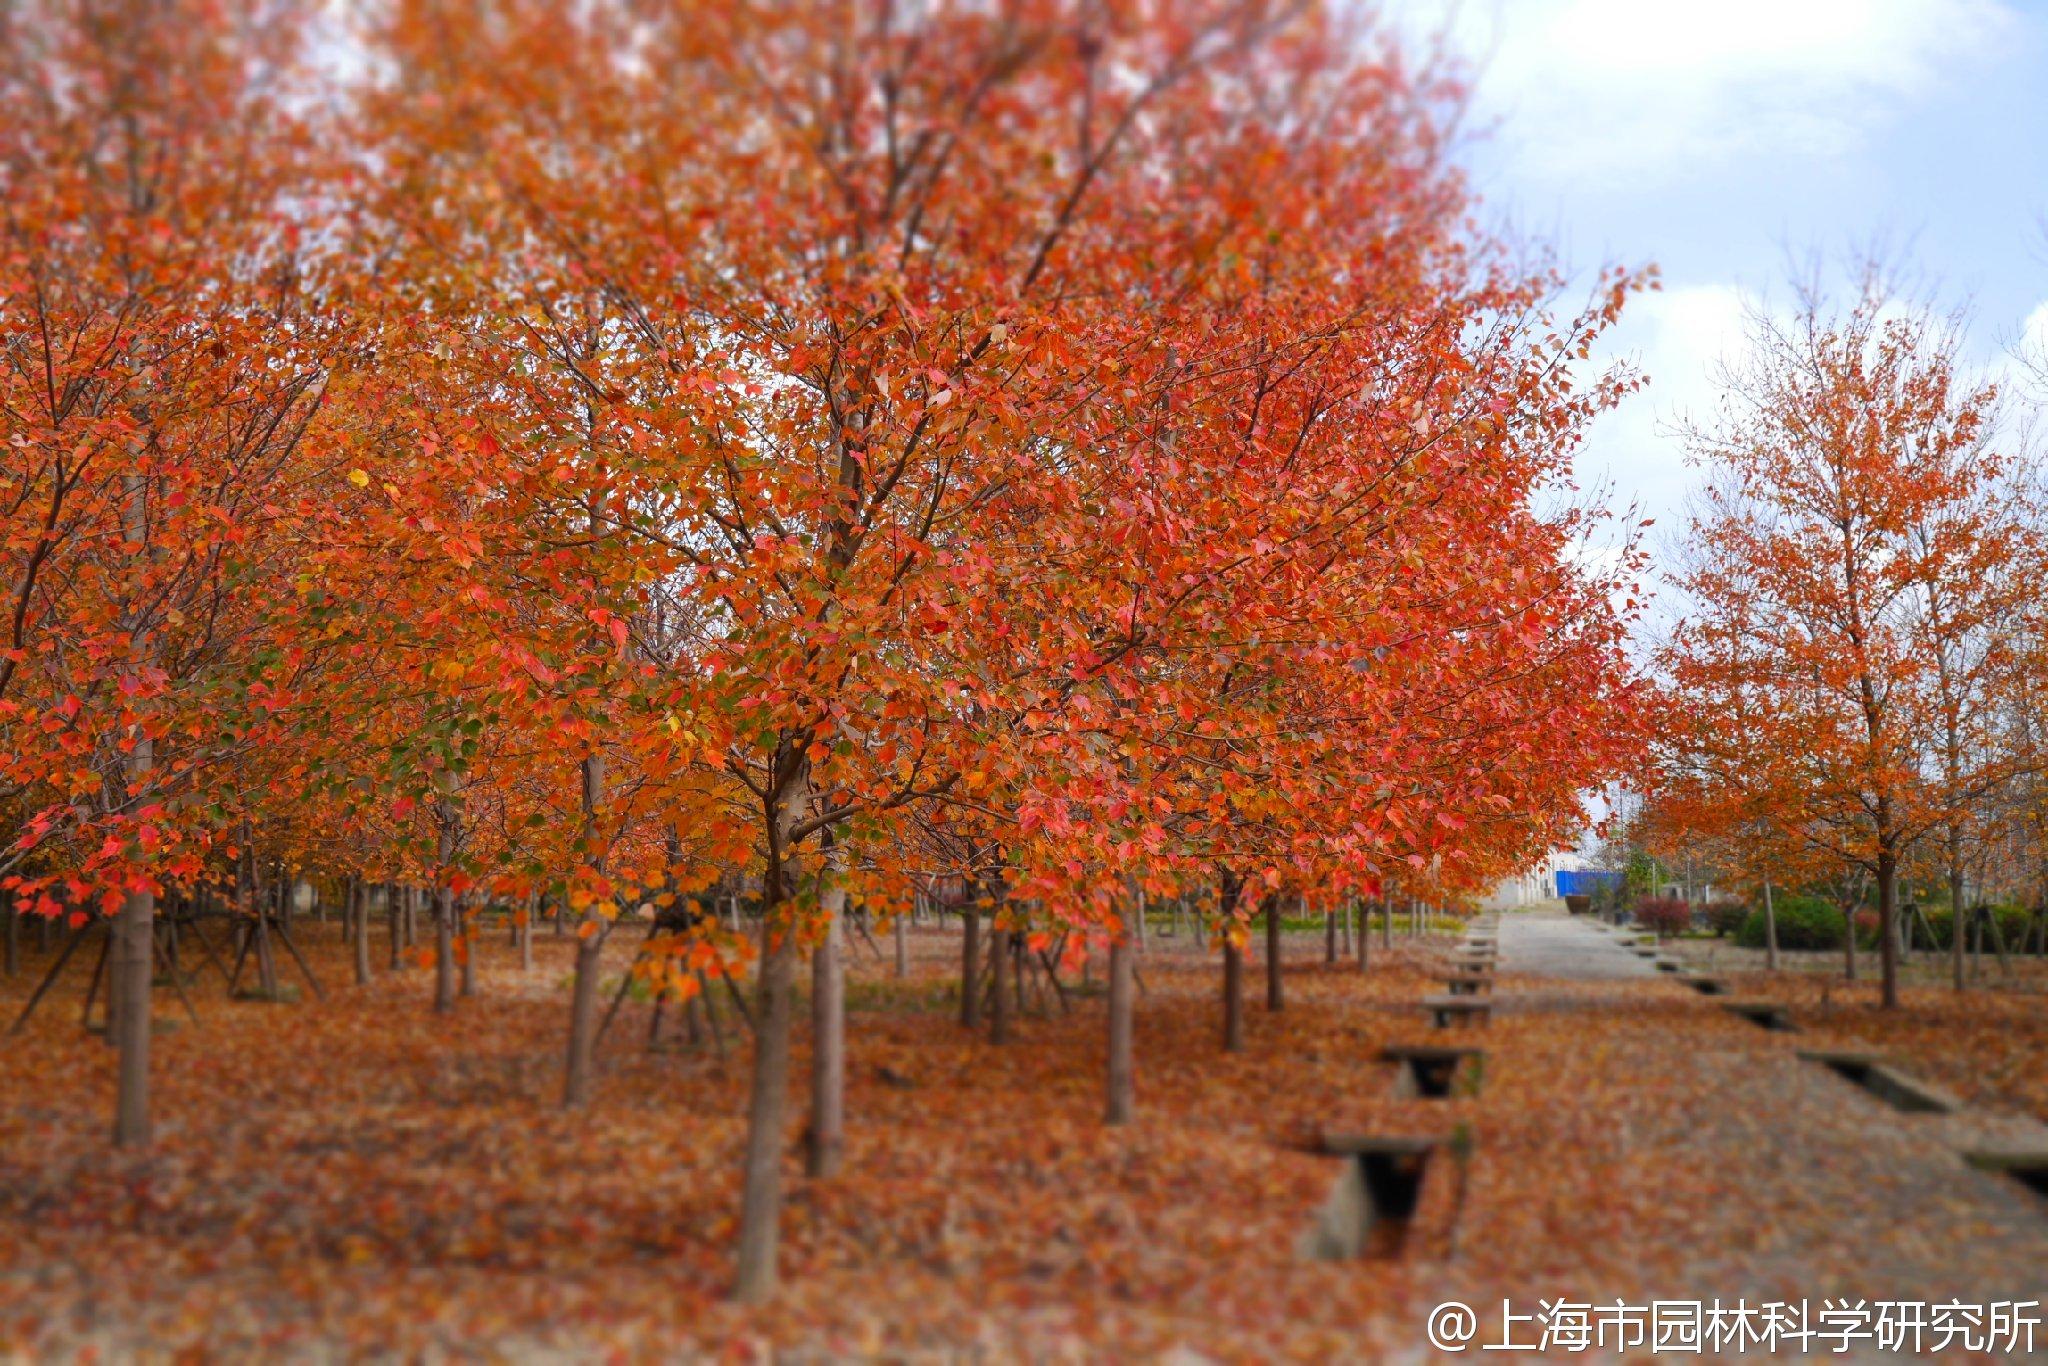 红花槭,又名北美红枫、加拿大红枫